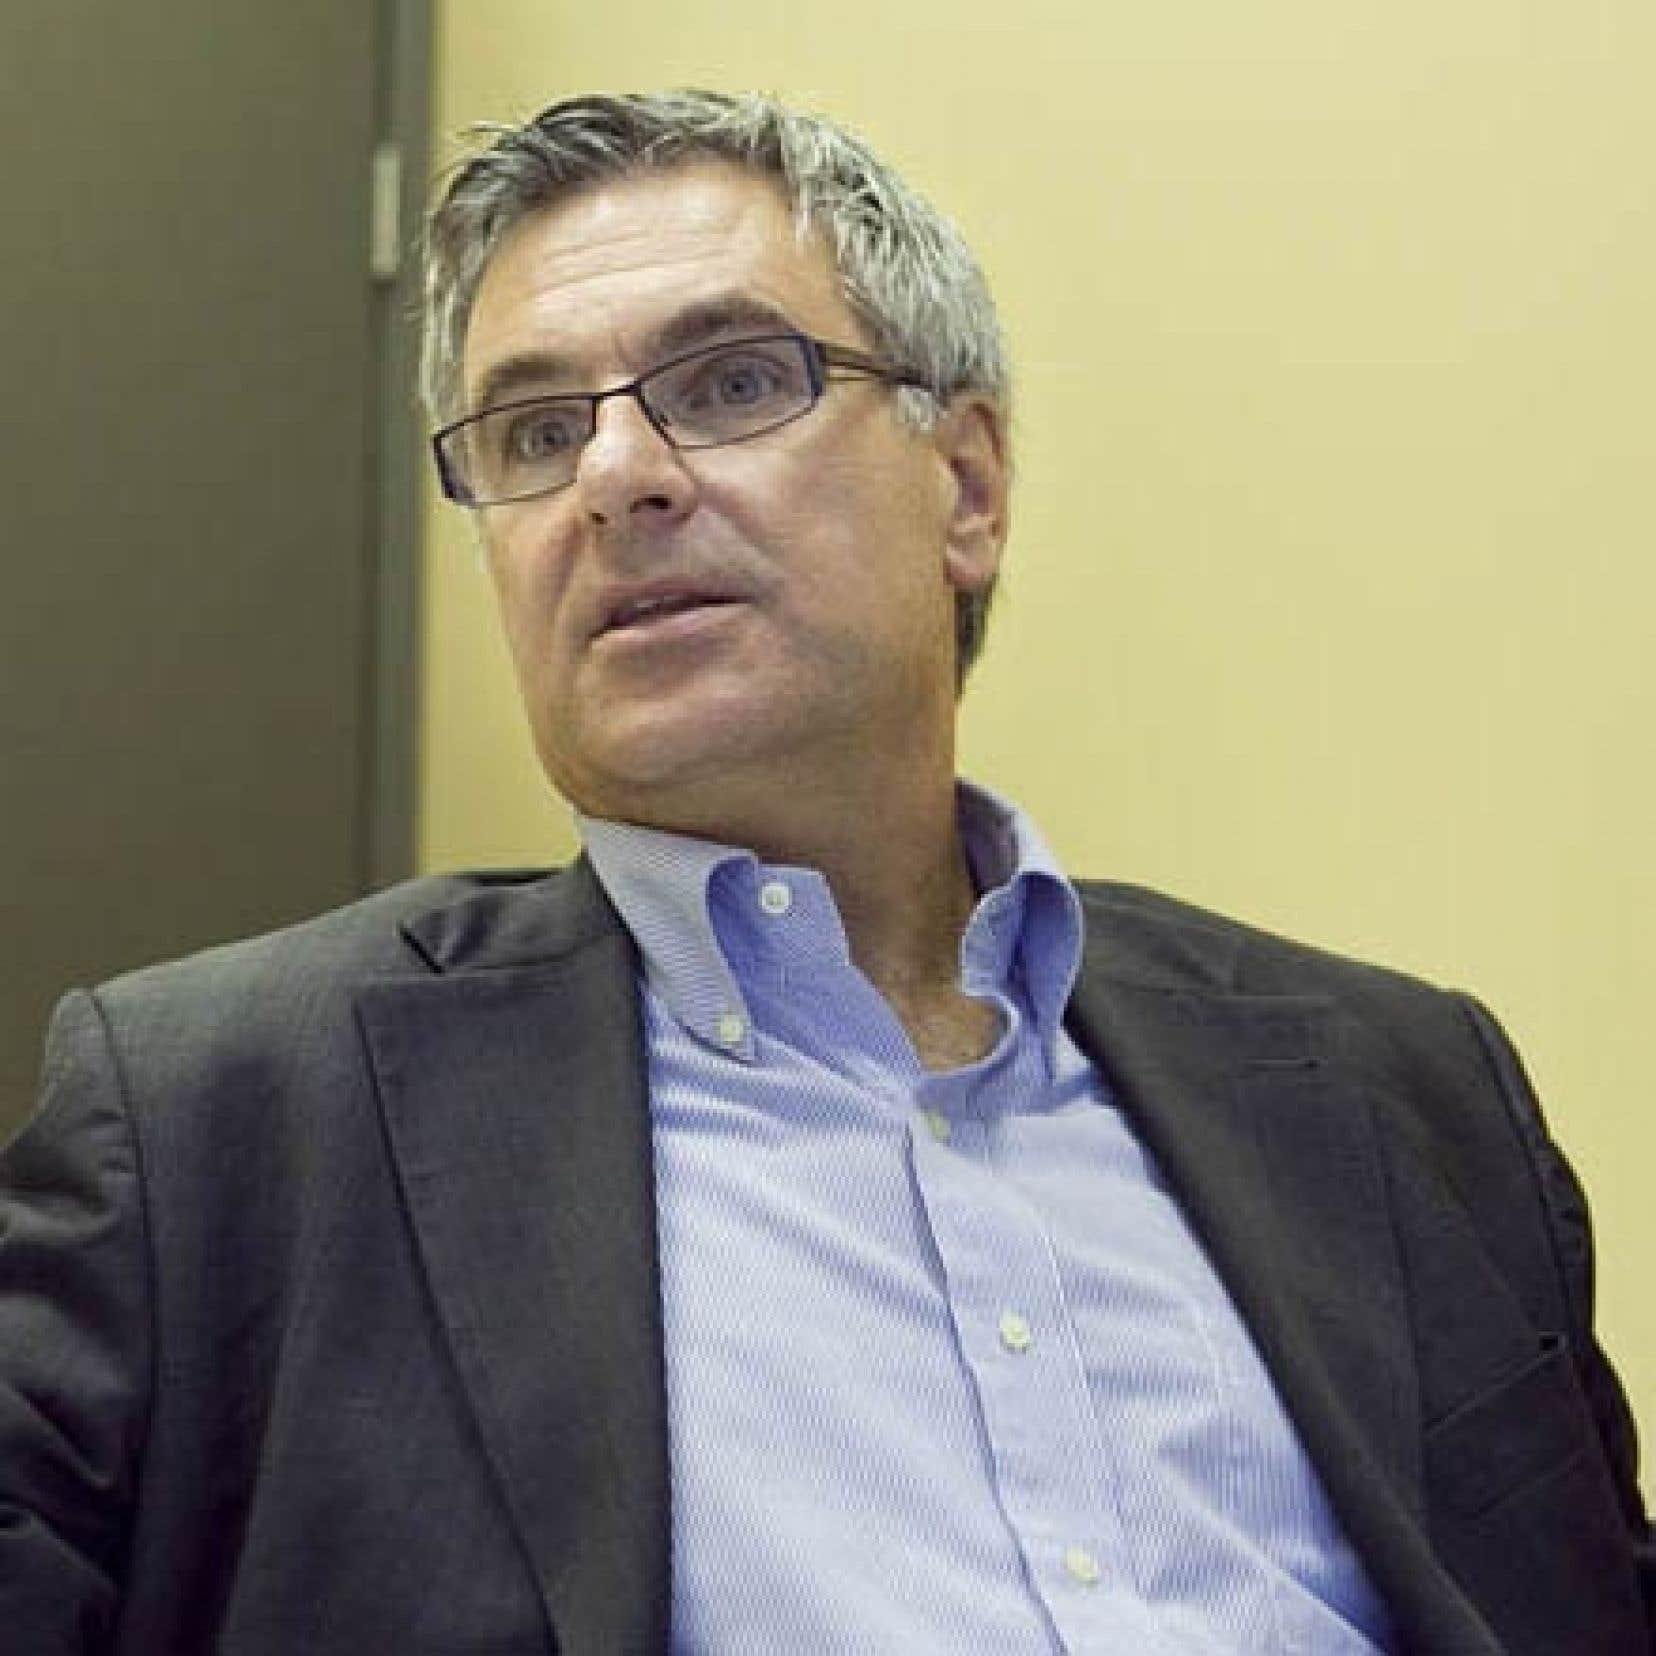 Le problème constitutionnel «persiste», concède difficilement le leader parlementaire libéral, Jean-Marc Fournier. «Mais ça ne nous empêche pas d'avoir une vie commune et de progresser.»<br />